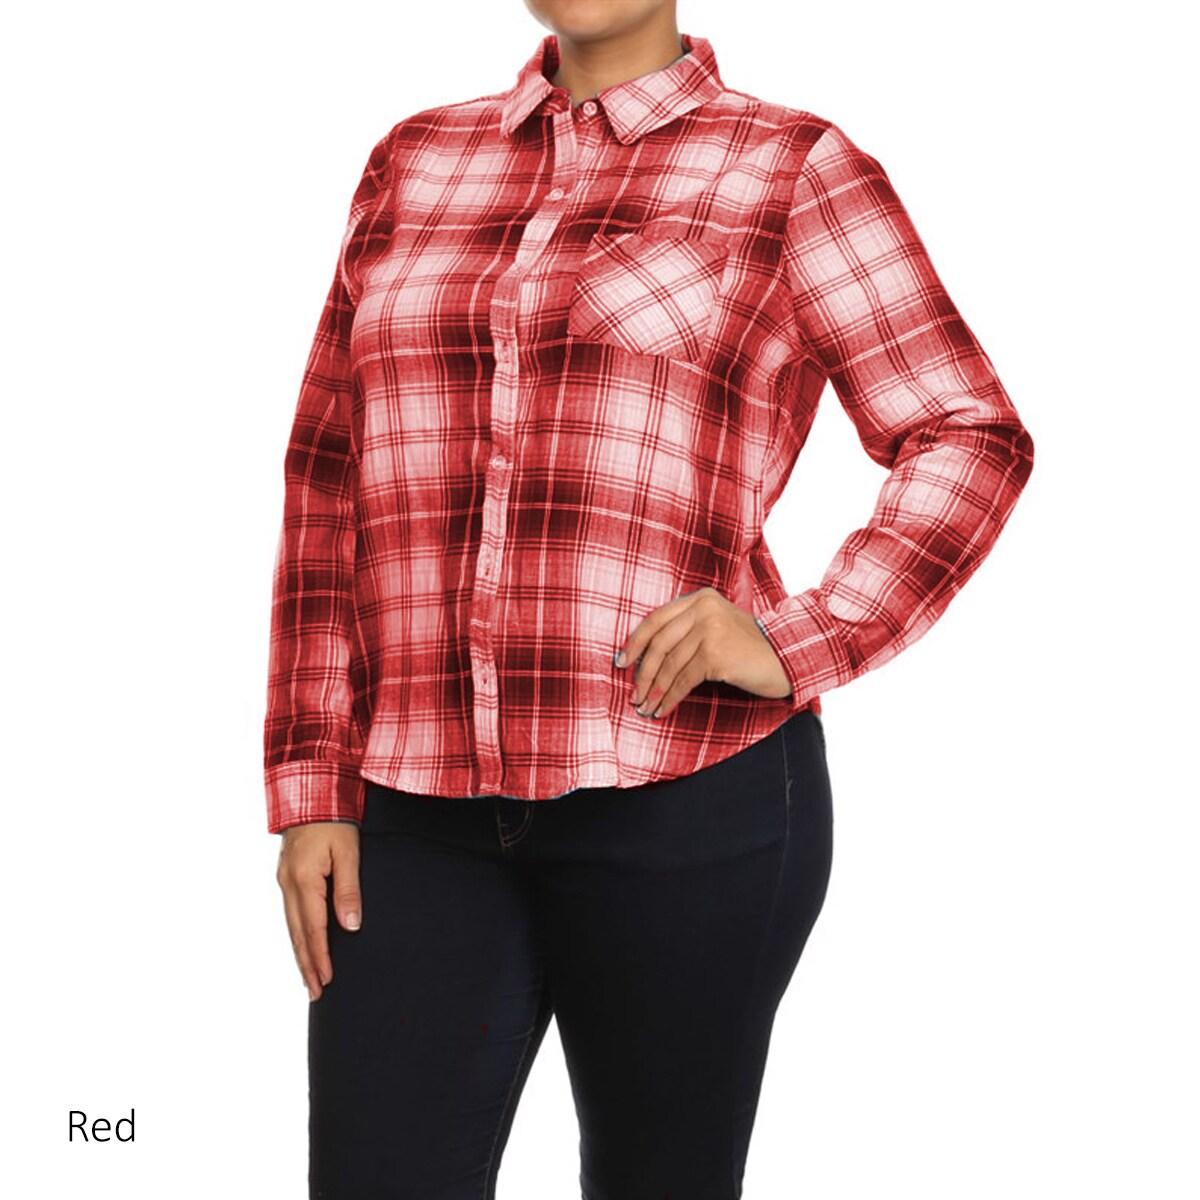 5fad7665ad1cf Details about MOA Collection Plus Size Women s Plaid Cotton Button-up Shirt